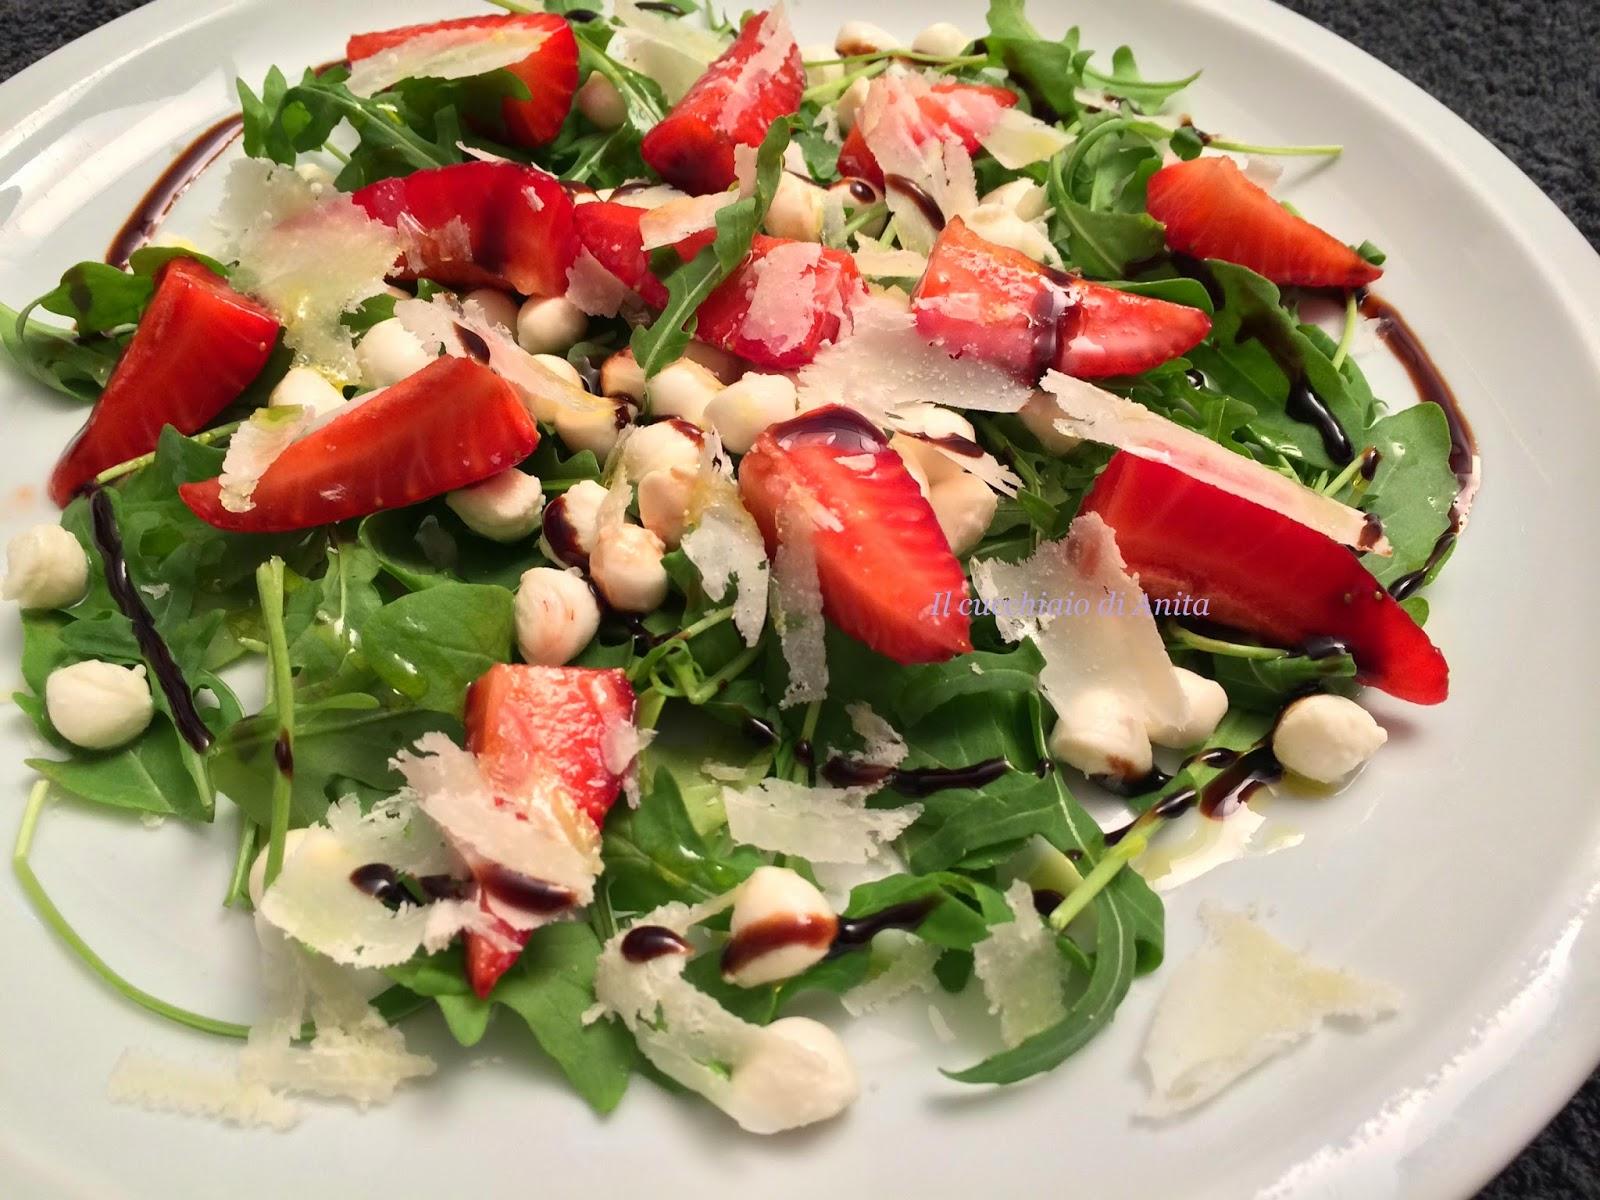 insalata di fragole al balsamico